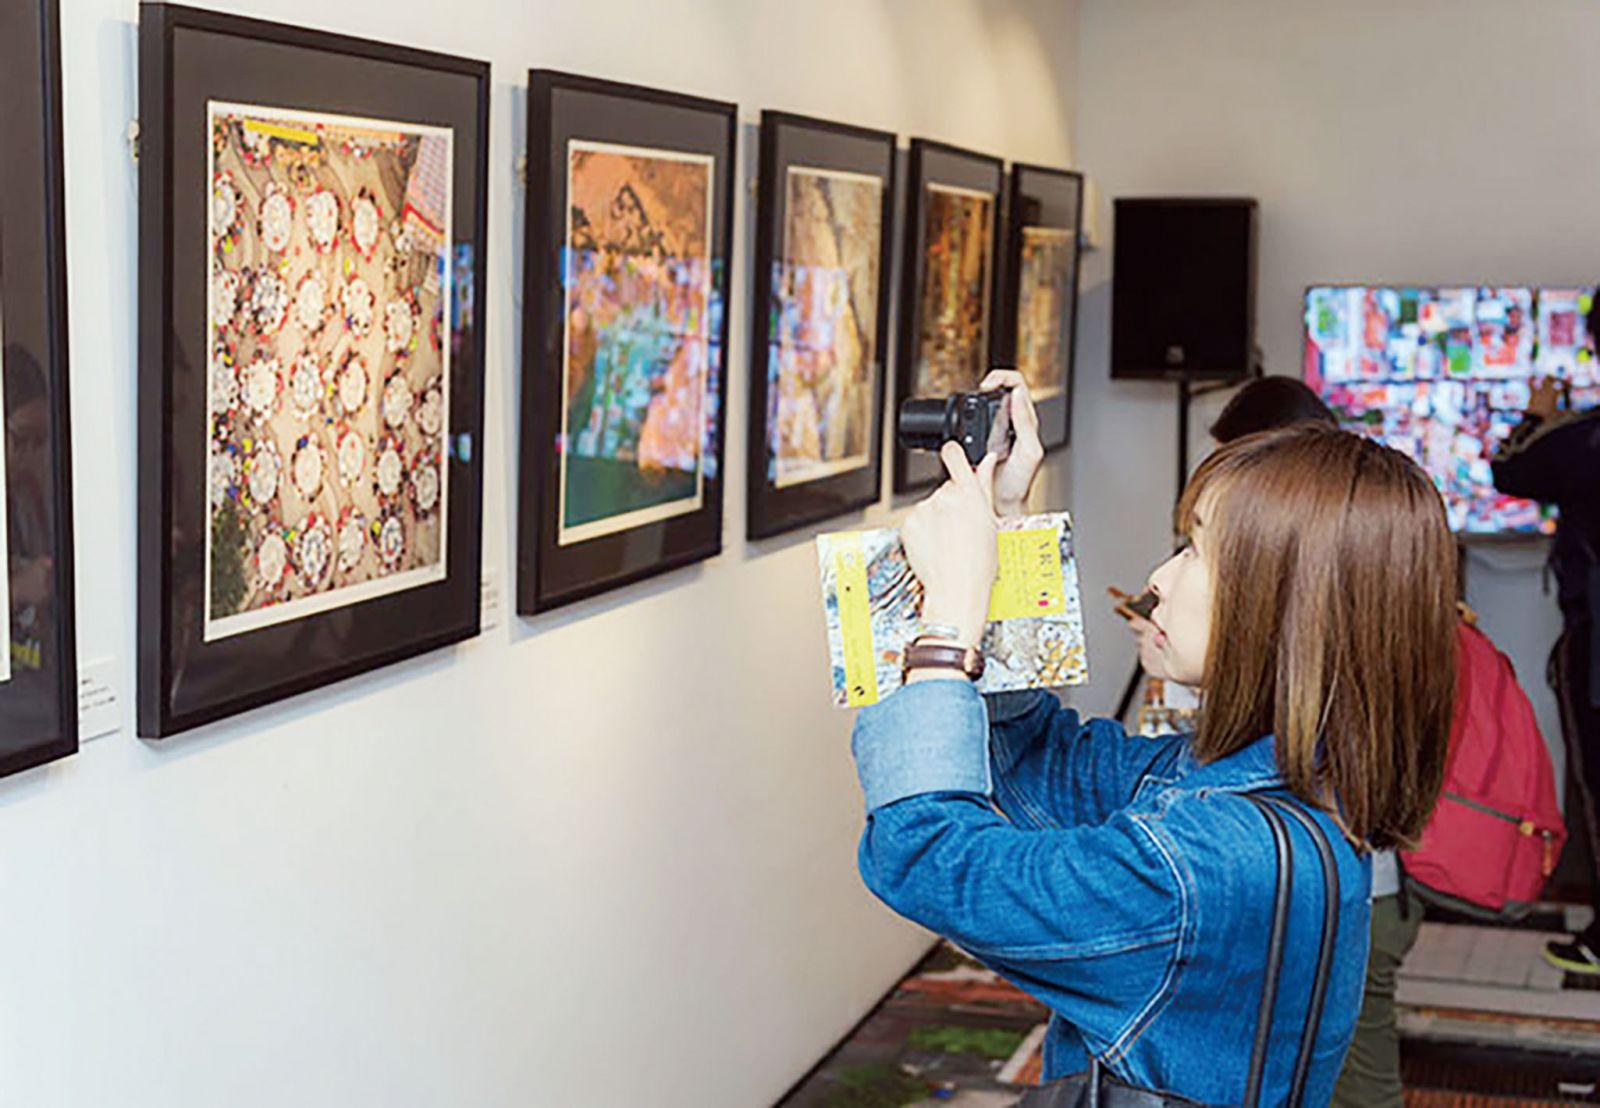 氹仔城區文化協會呈獻航拍展覽「方圓顯耀」